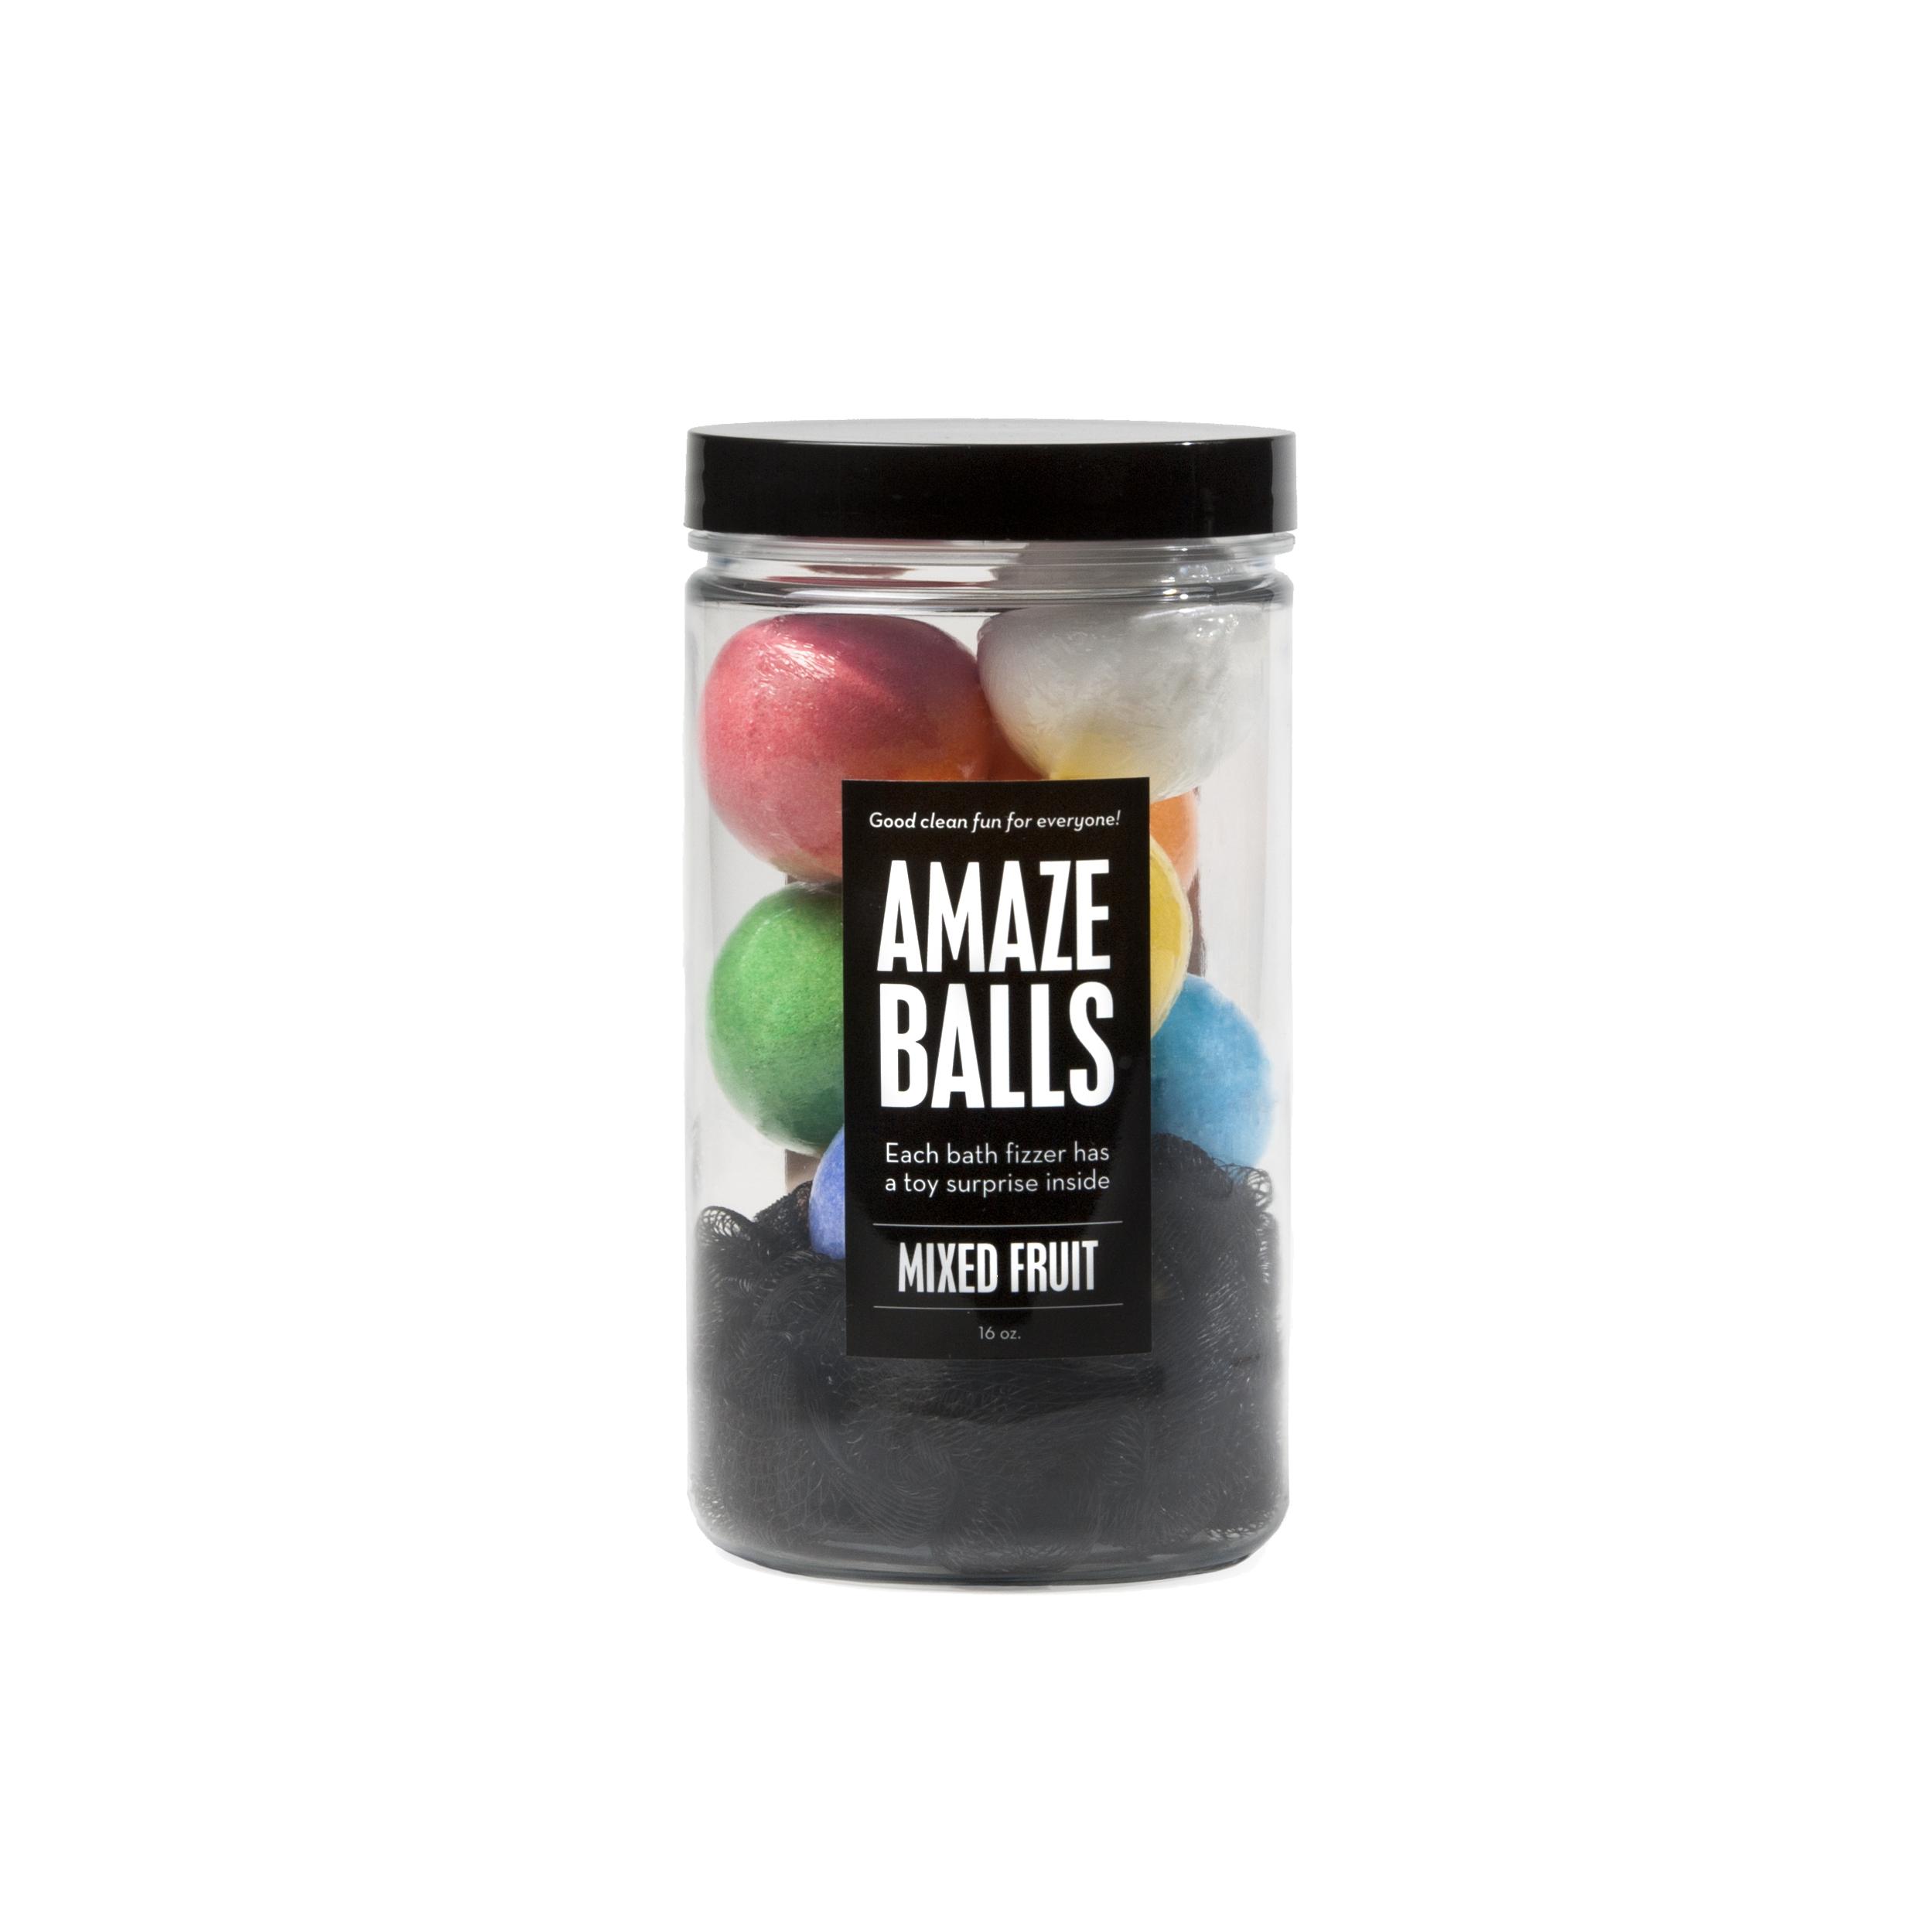 Amaze+Bombs+Tall+Jar+new.jpg